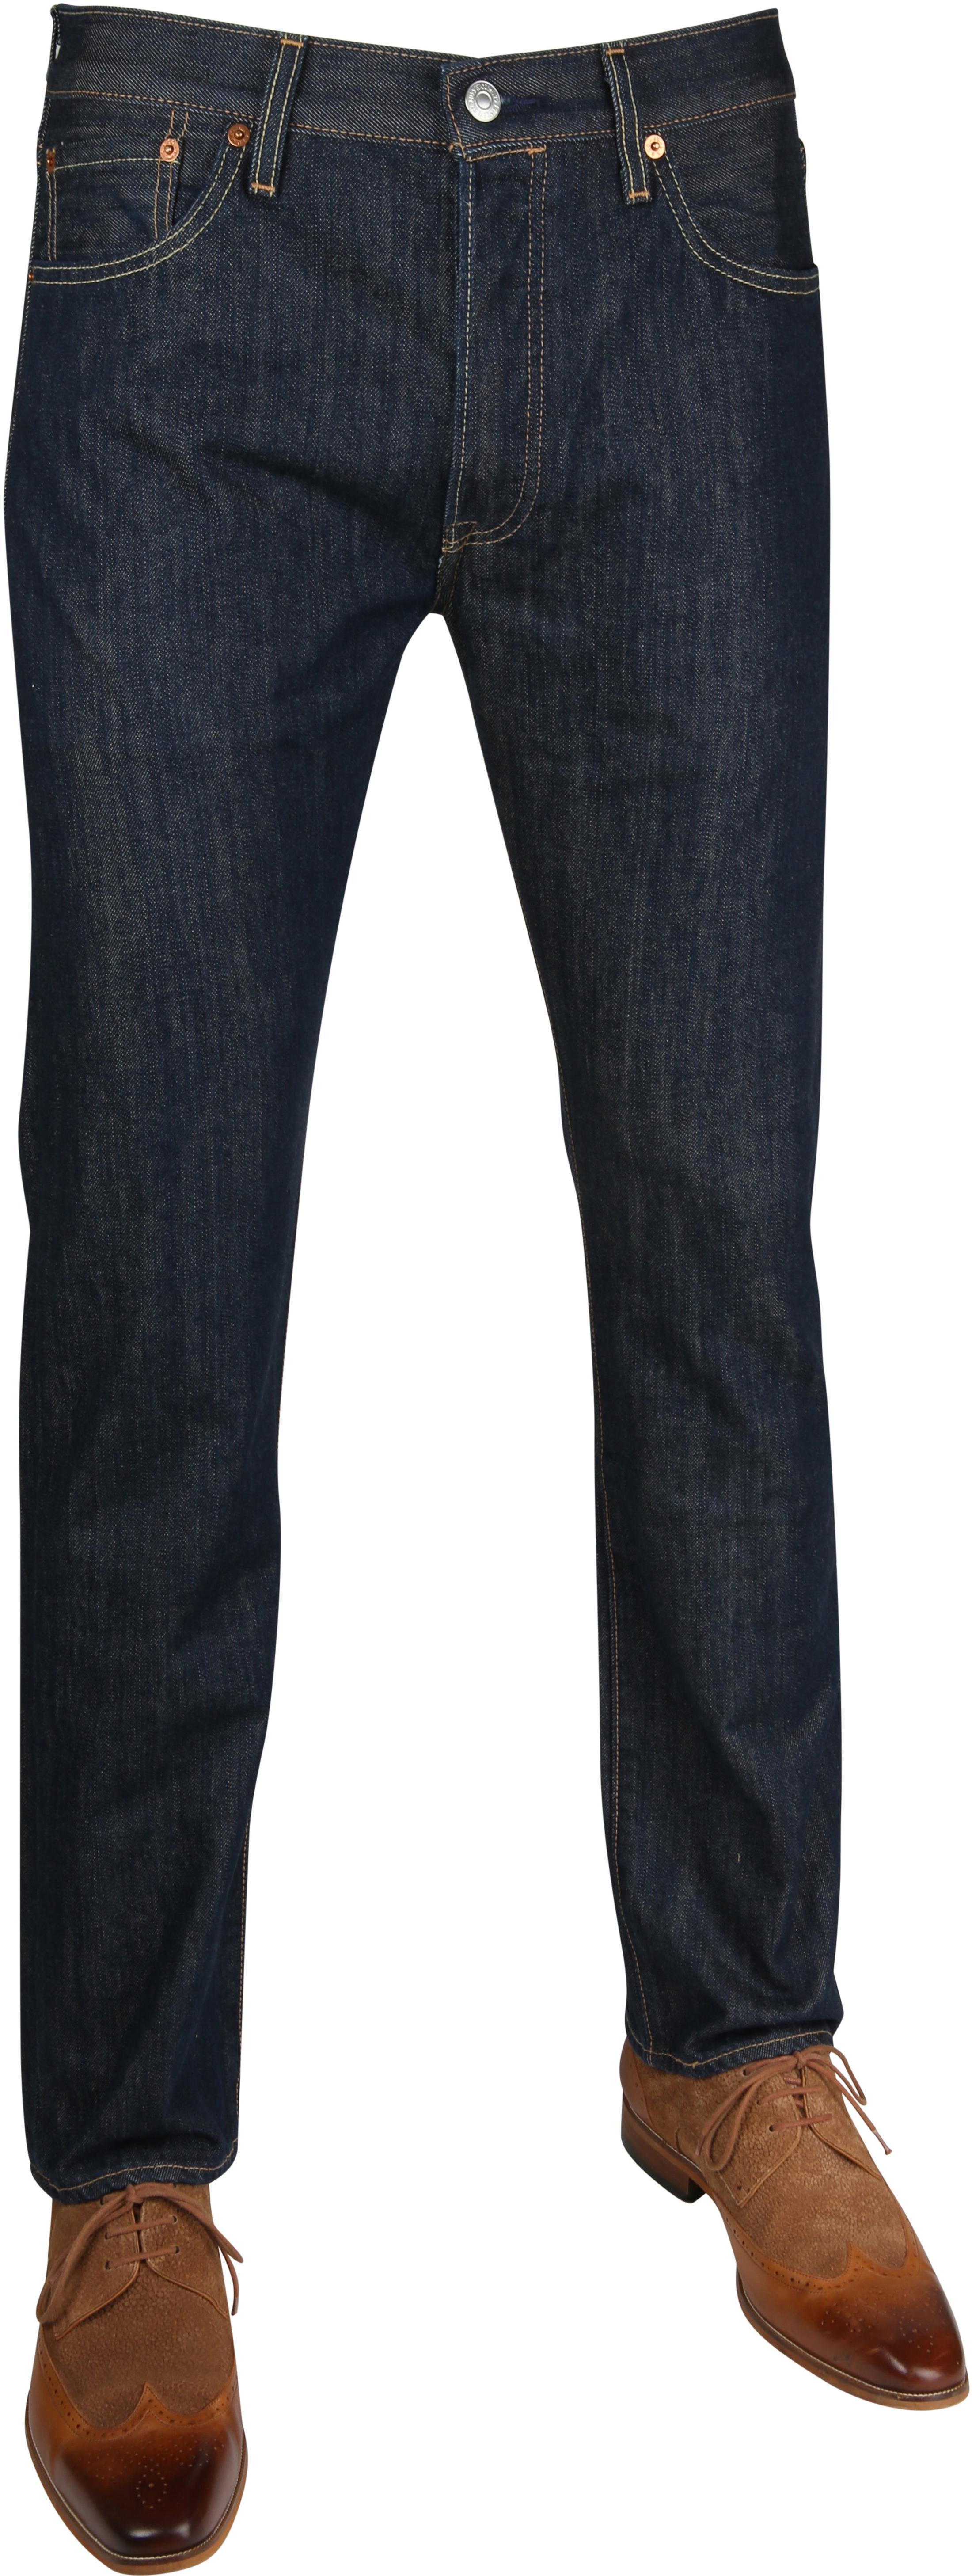 Levi's Jeans 501 Original Fit 0162 foto 0